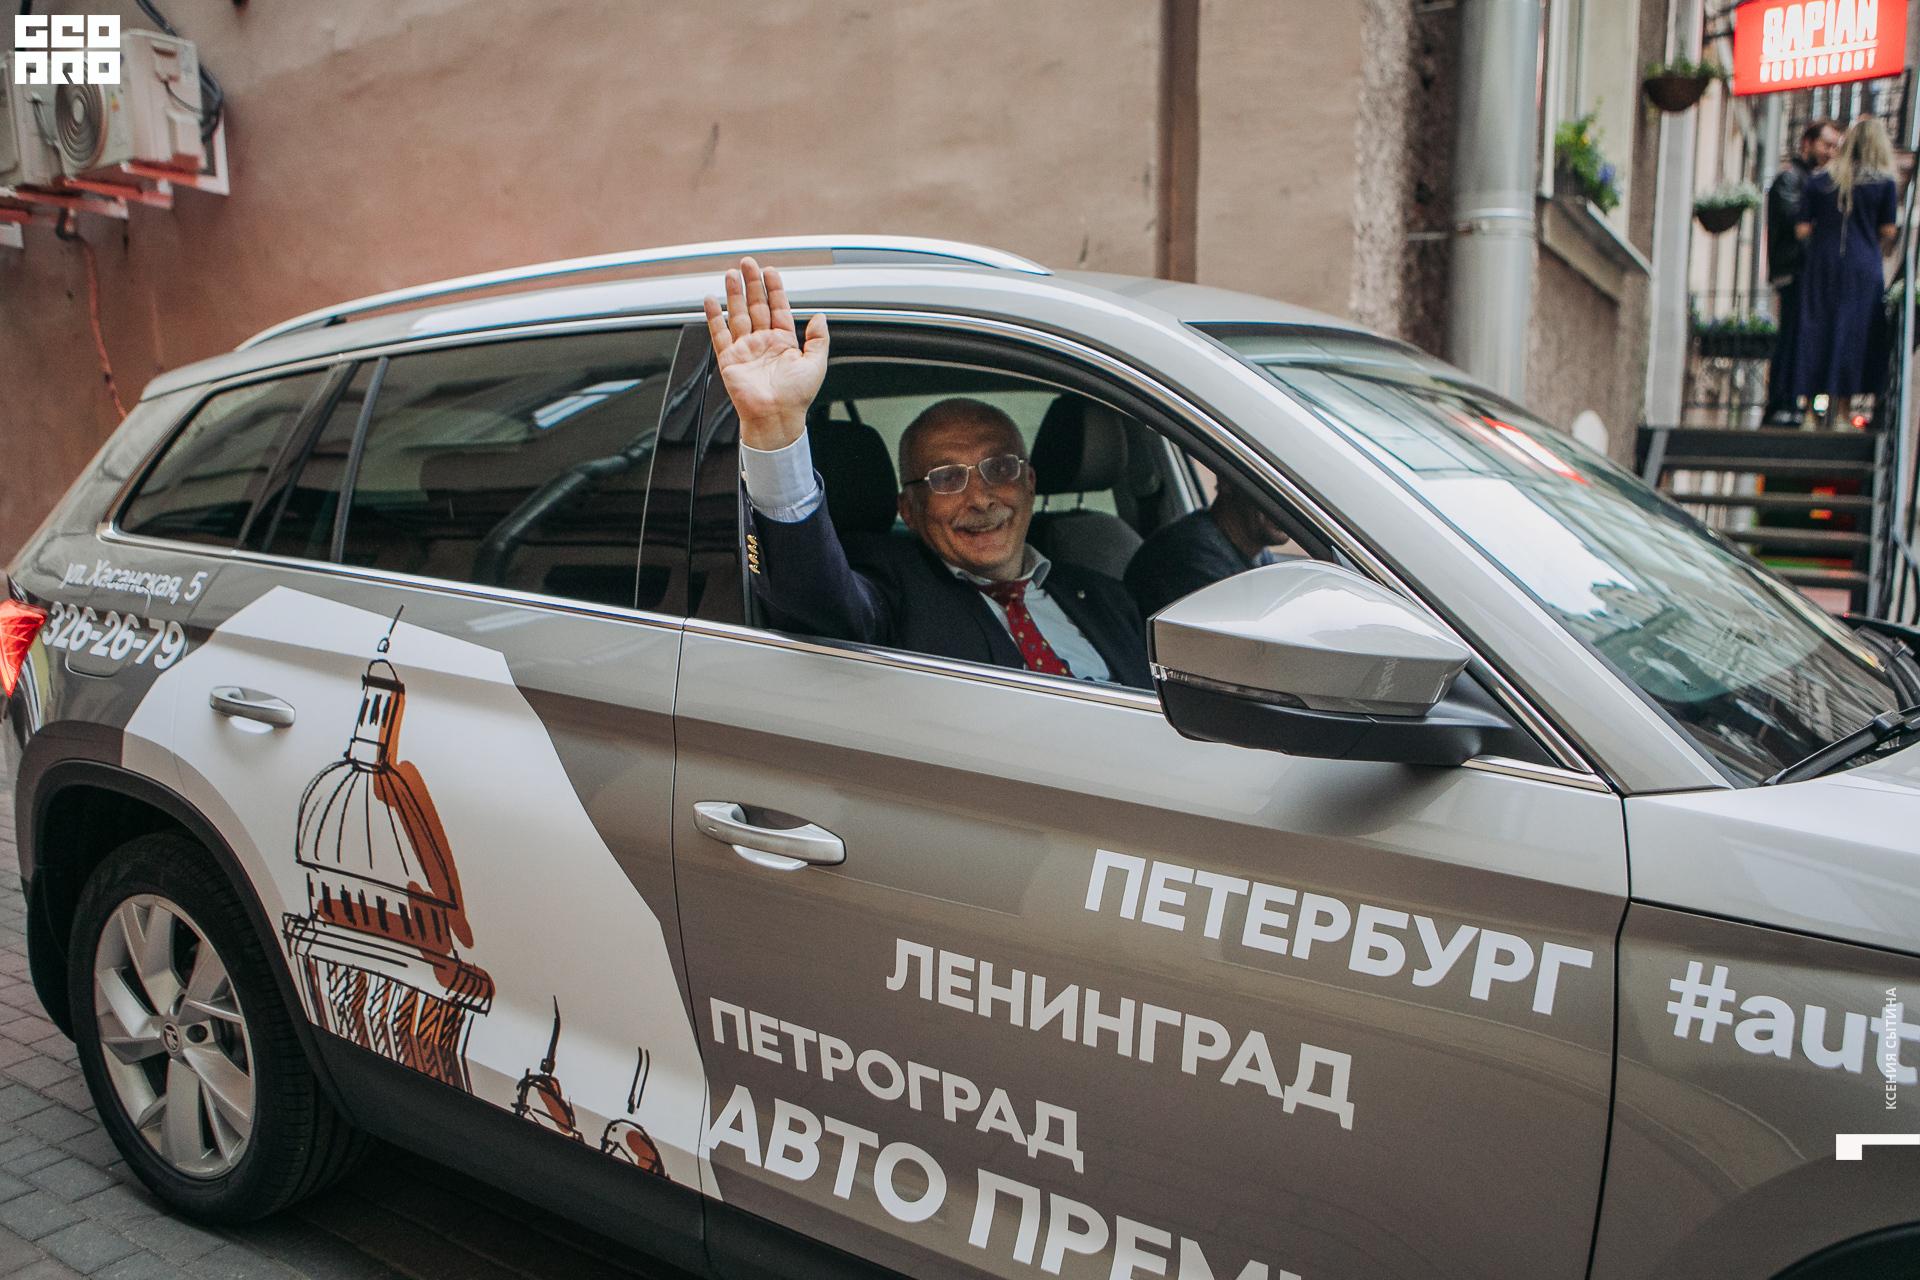 Экскурсия к центру Петербурга с «Авто Премиумом» и Александром Друзём